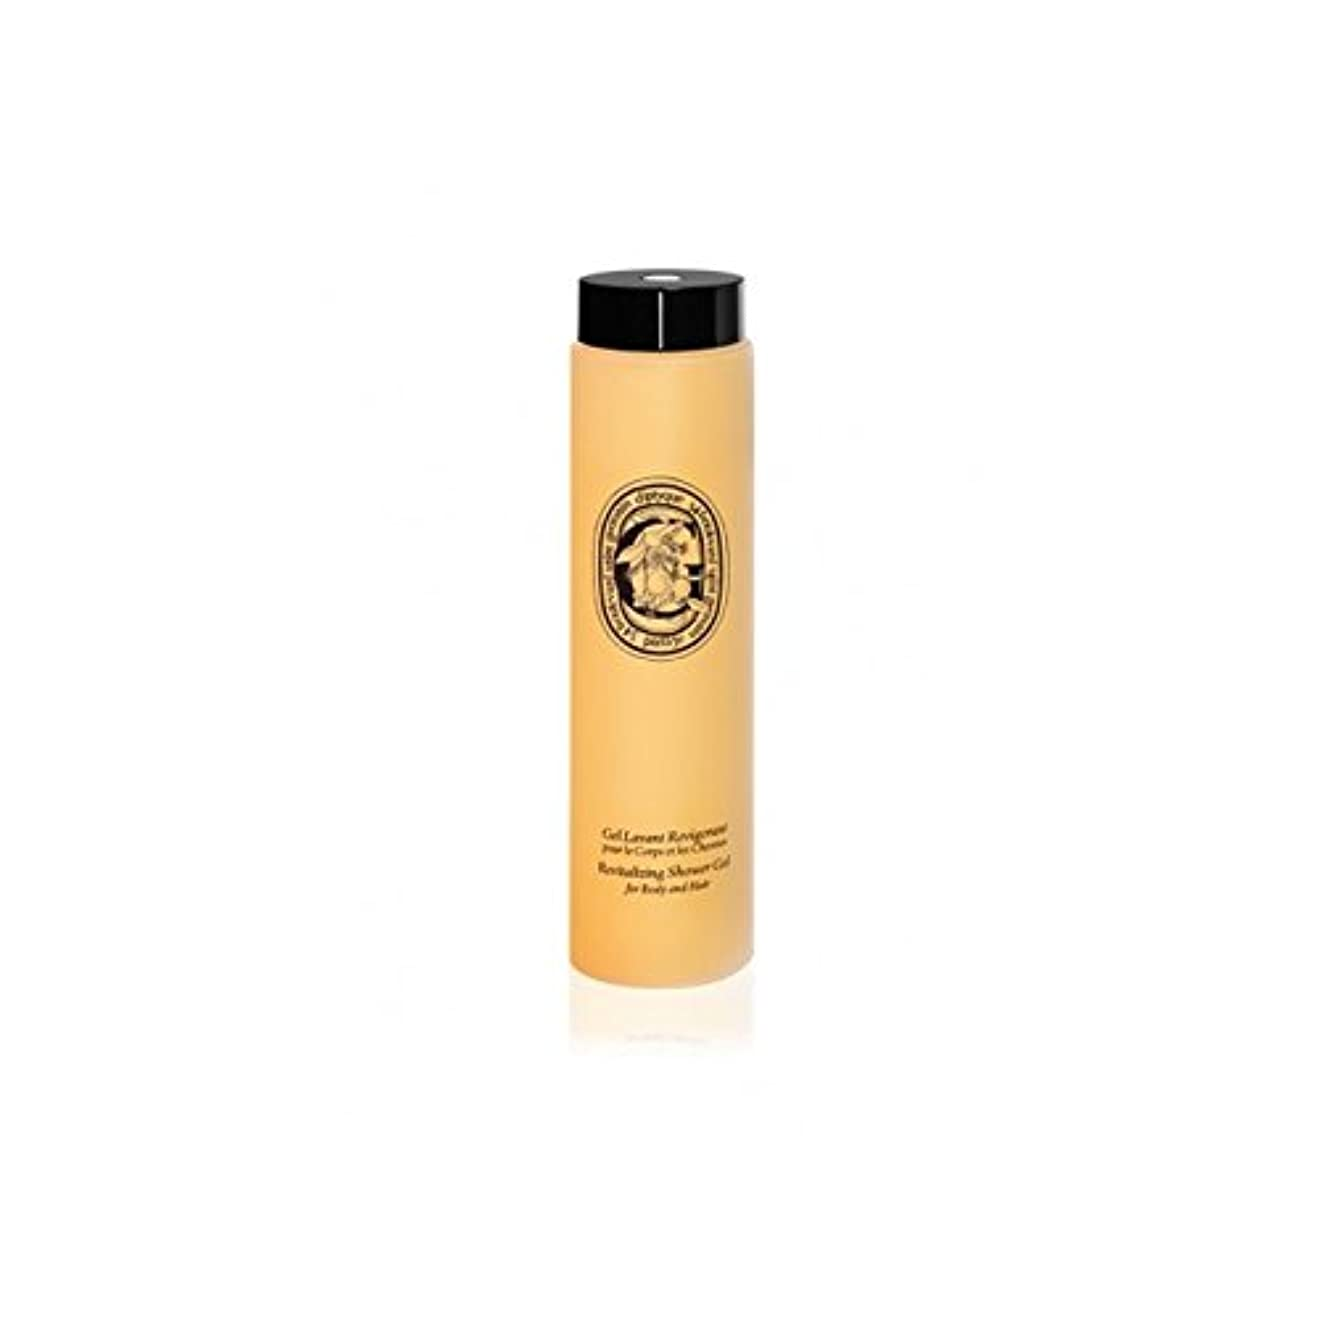 袋予約計画Diptyque Revitalizing Shower Gel For Body And Hair 200ml (Pack of 2) - ボディ、ヘア200ミリリットルのためDiptyqueのリバイタライジングシャワージェル...